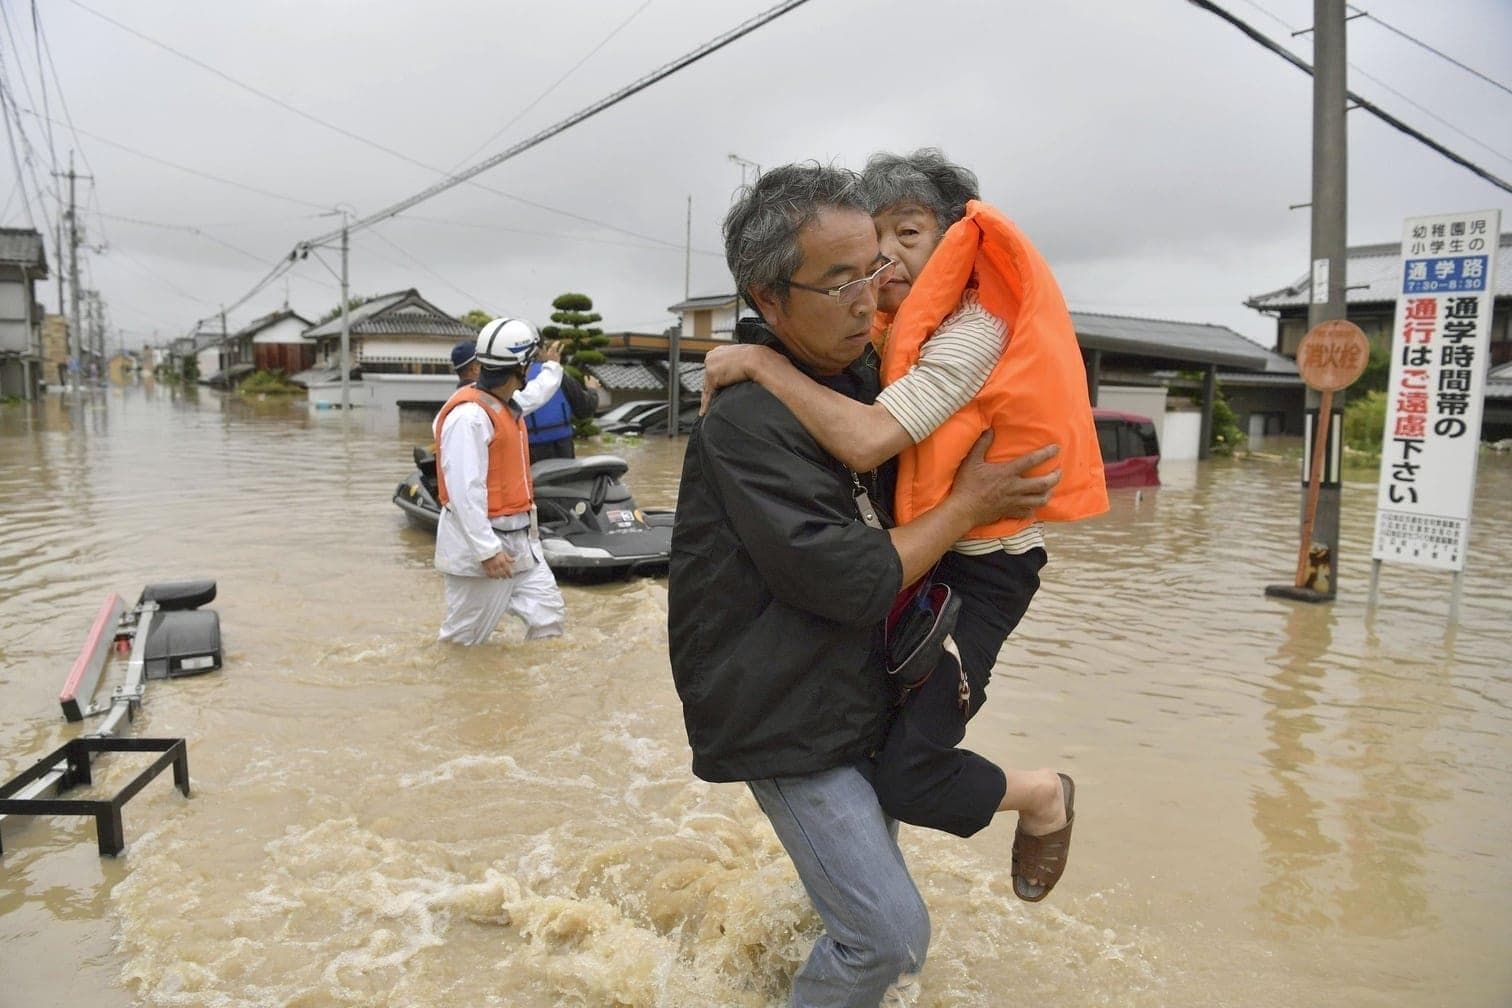 da ein großes Gebiet von den gravierenden Folgen der Unwetter betroffen ist.</p> Foto: dpa